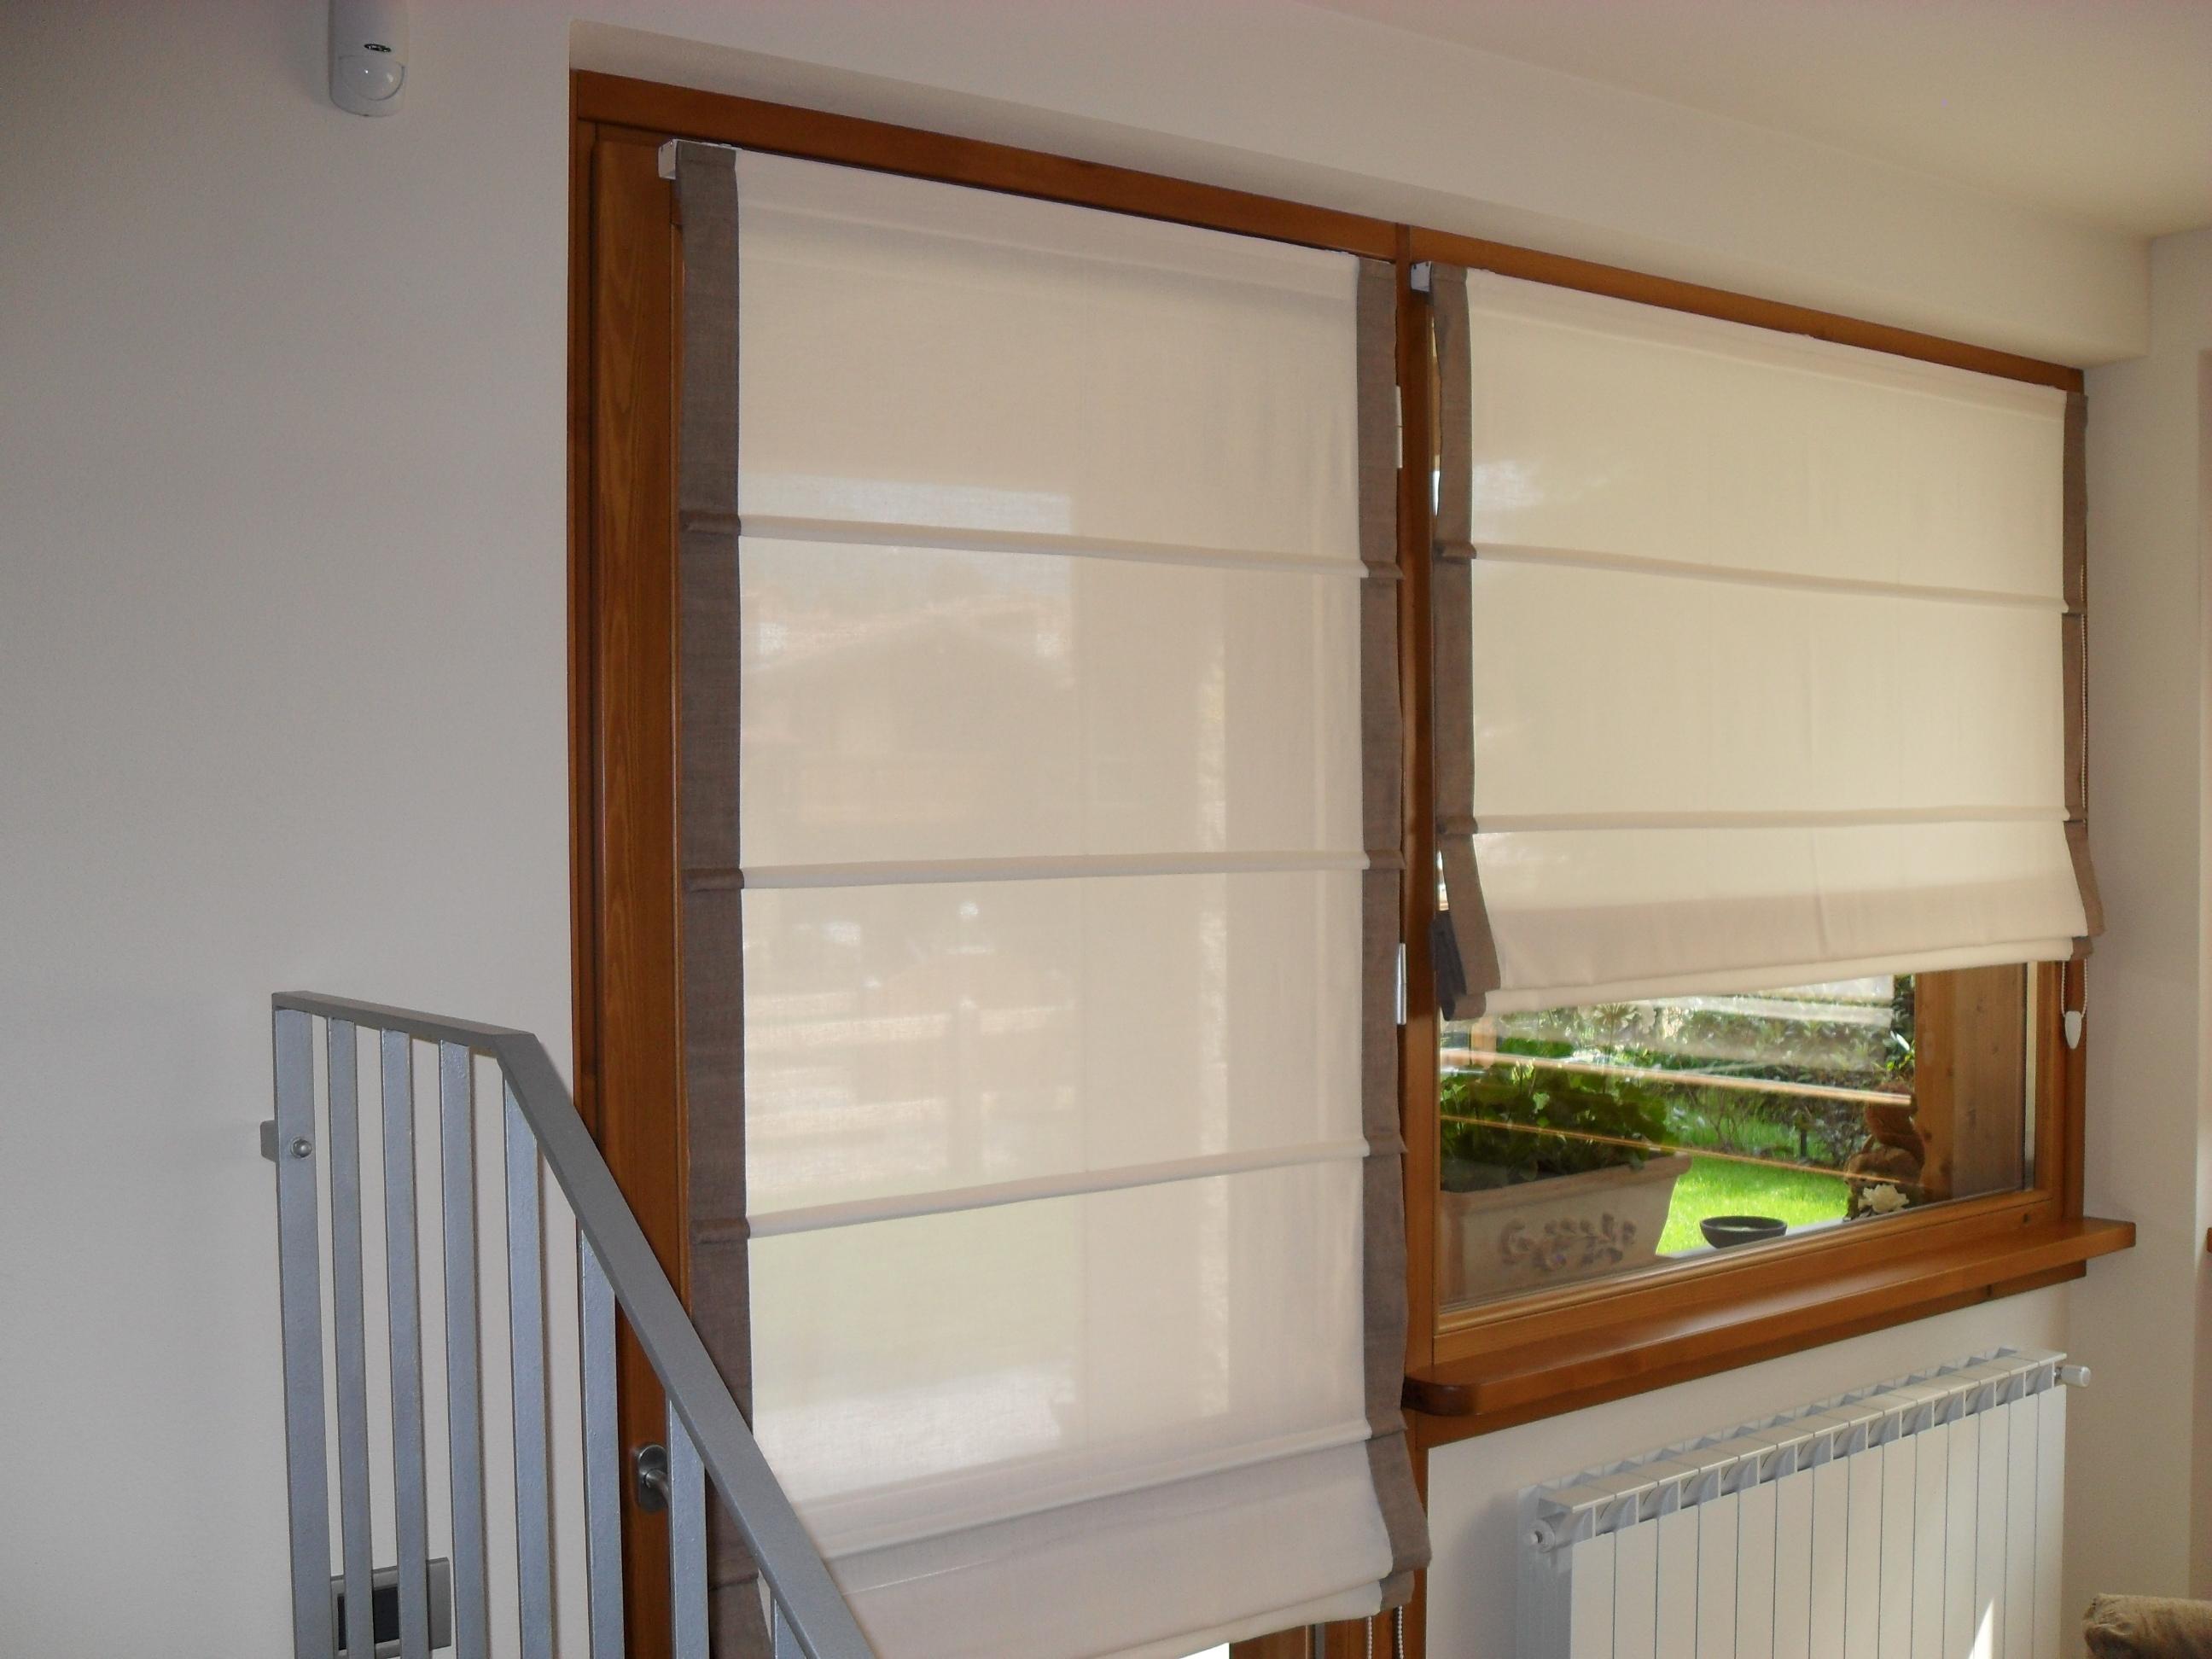 Prodotti tessilcasa arreda correda - Griglie per finestre esterne ...